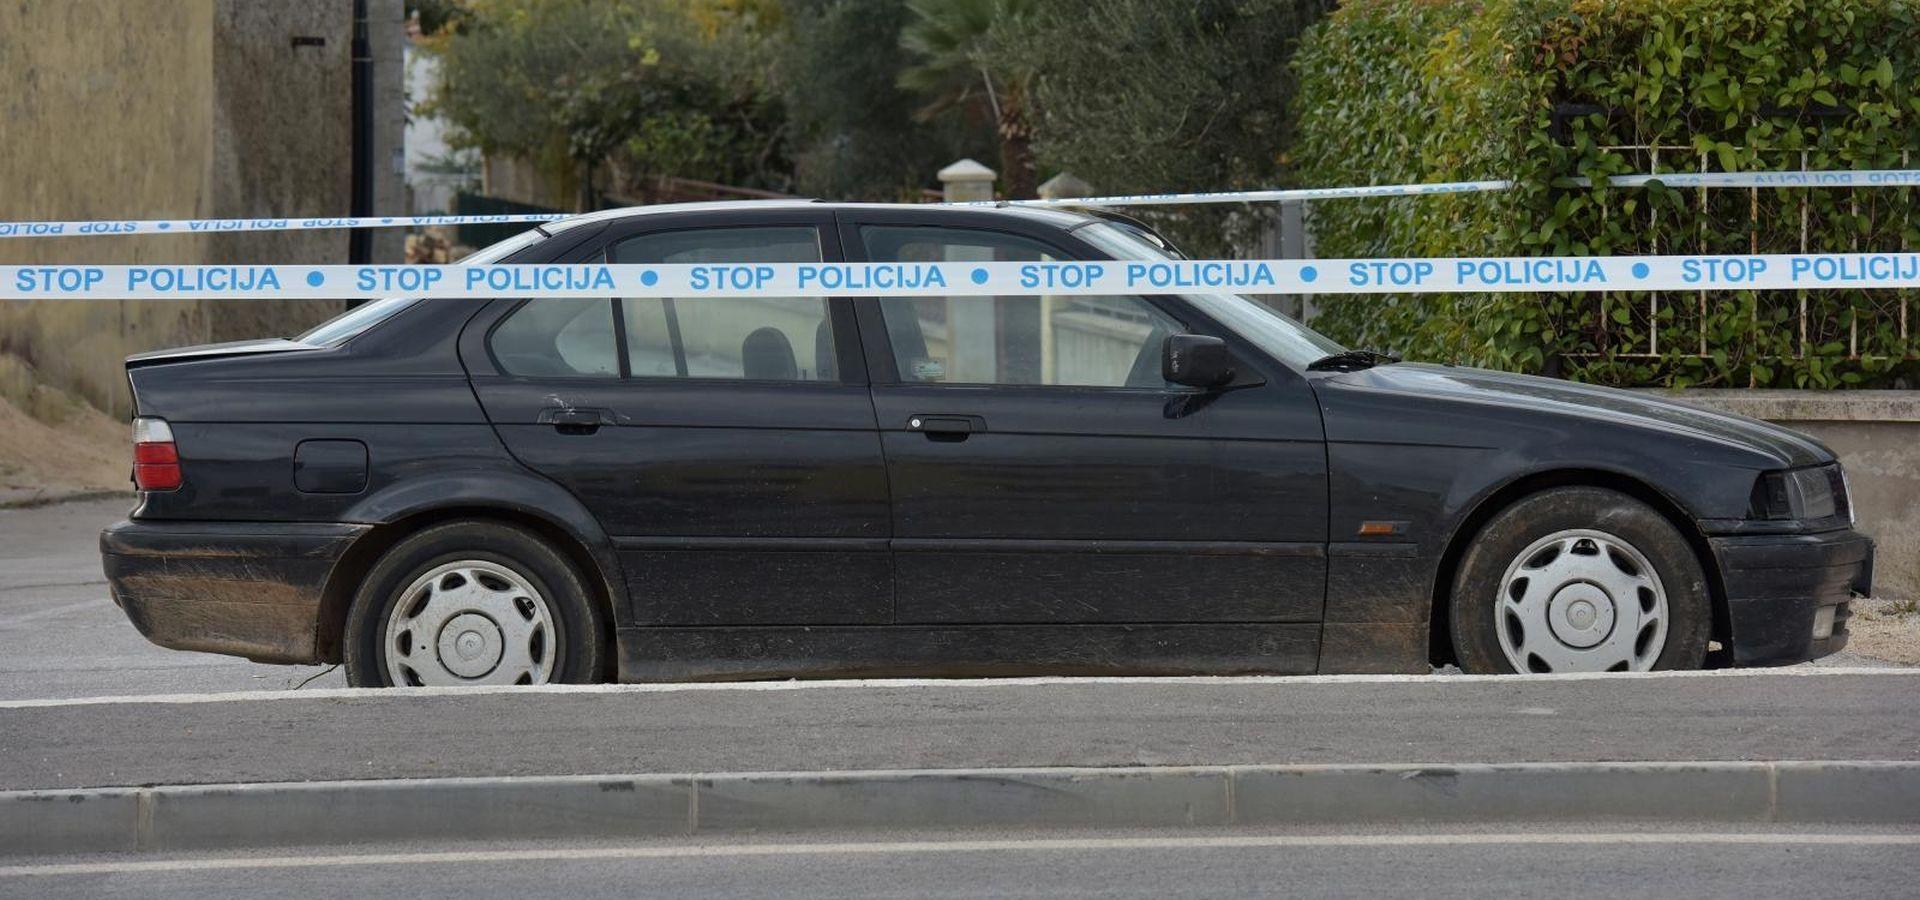 Uhićen bjegunac koji je BMW-om htio pregaziti policajce